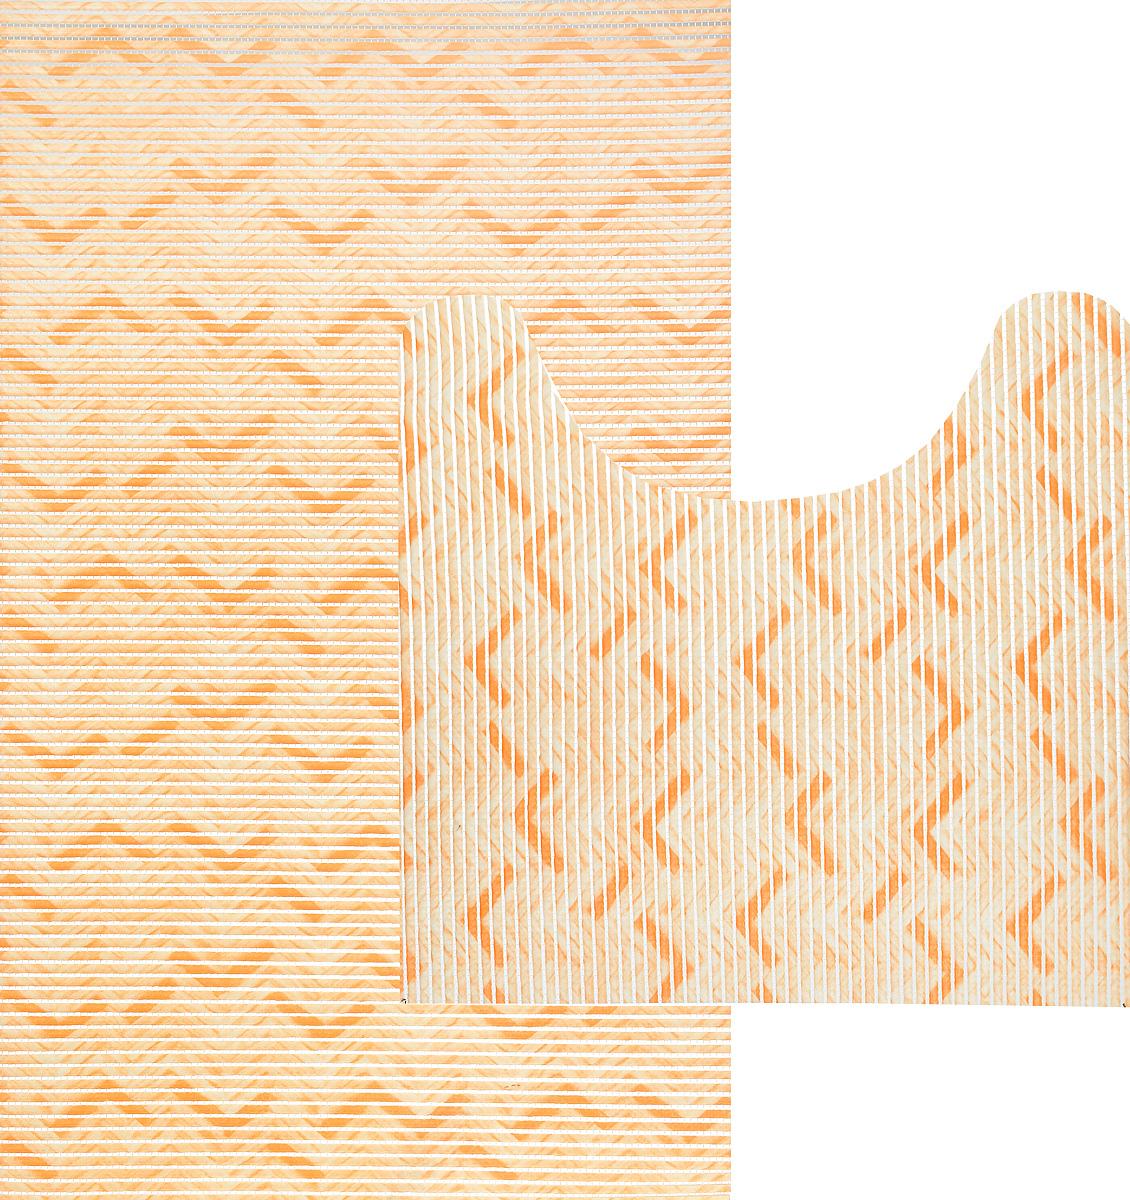 Комплект ковриков для ванной Fresh Code Зигзаг, цвет: светло-оранжевый, 2 предмета. 61261216_ оранжевый, зигзагКомплект Fresh Code Зигзаг состоит из коврика для ванной комнаты и туалета. Коврики выполнены из мягкого ПВХ с шероховатой антискользящей поверхностью, которая создает комфортное покрытие в ванной комнате. Поверхность ковриков перфорирована. Изделия оформлены оригинальным рисунком. Рекомендации по уходу: протрите коврик влажной губкой с моющим средством, тщательно ополосните чистой водой и просушите.Набор для ванной Fresh Code Зигзаг подарит ощущение тепла и комфорта, а также привнесет уют в вашу ванную комнату.Размер коврика для ванной комнаты: 48 х 80 см.Размер коврика для туалета: 48 х 48 см.